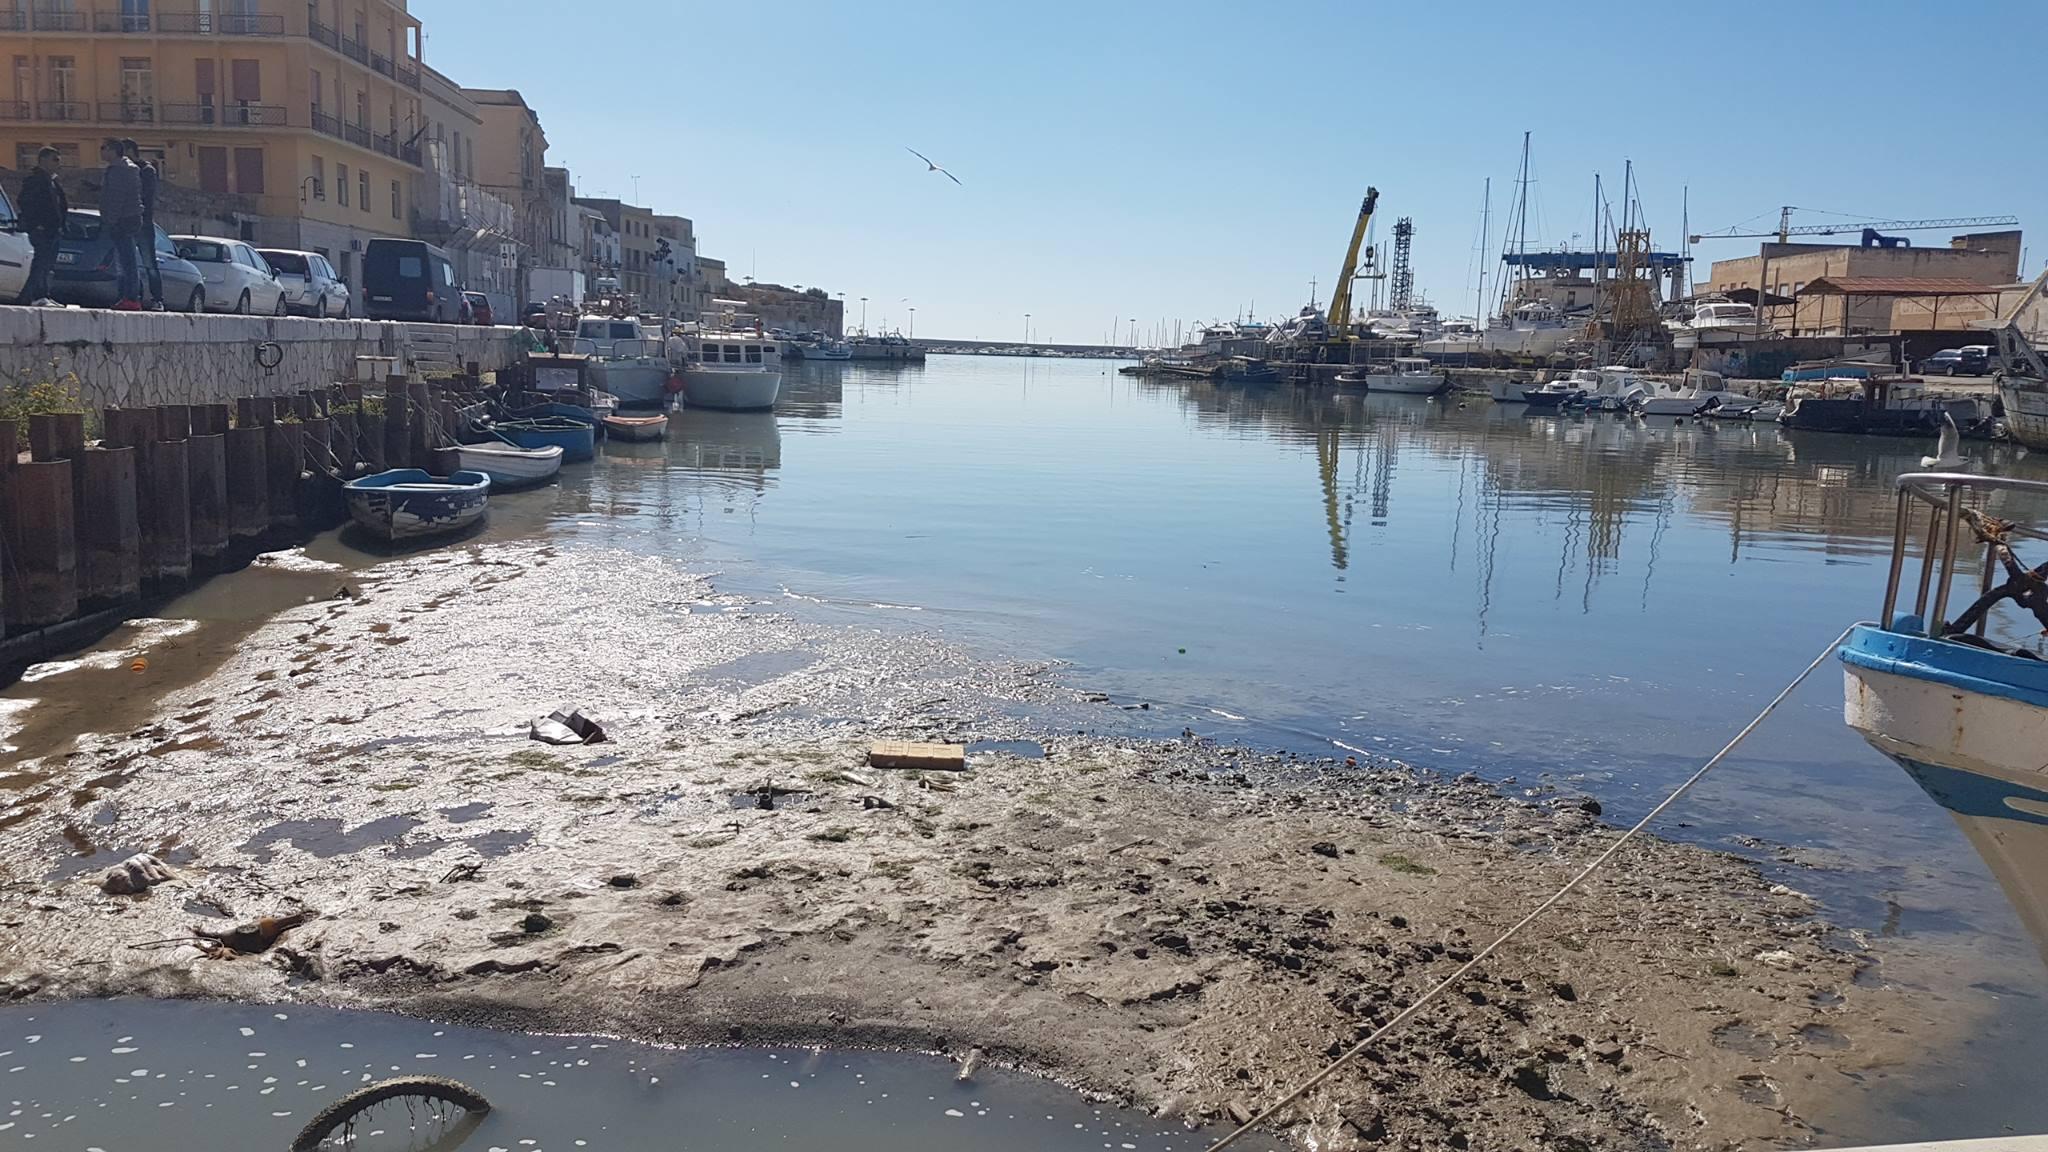 Mazara. Sono terminate le analisi dei fanghi del porto canale e i risultati sono abbastanza positivi. Non ci sarebbero elementi tossici